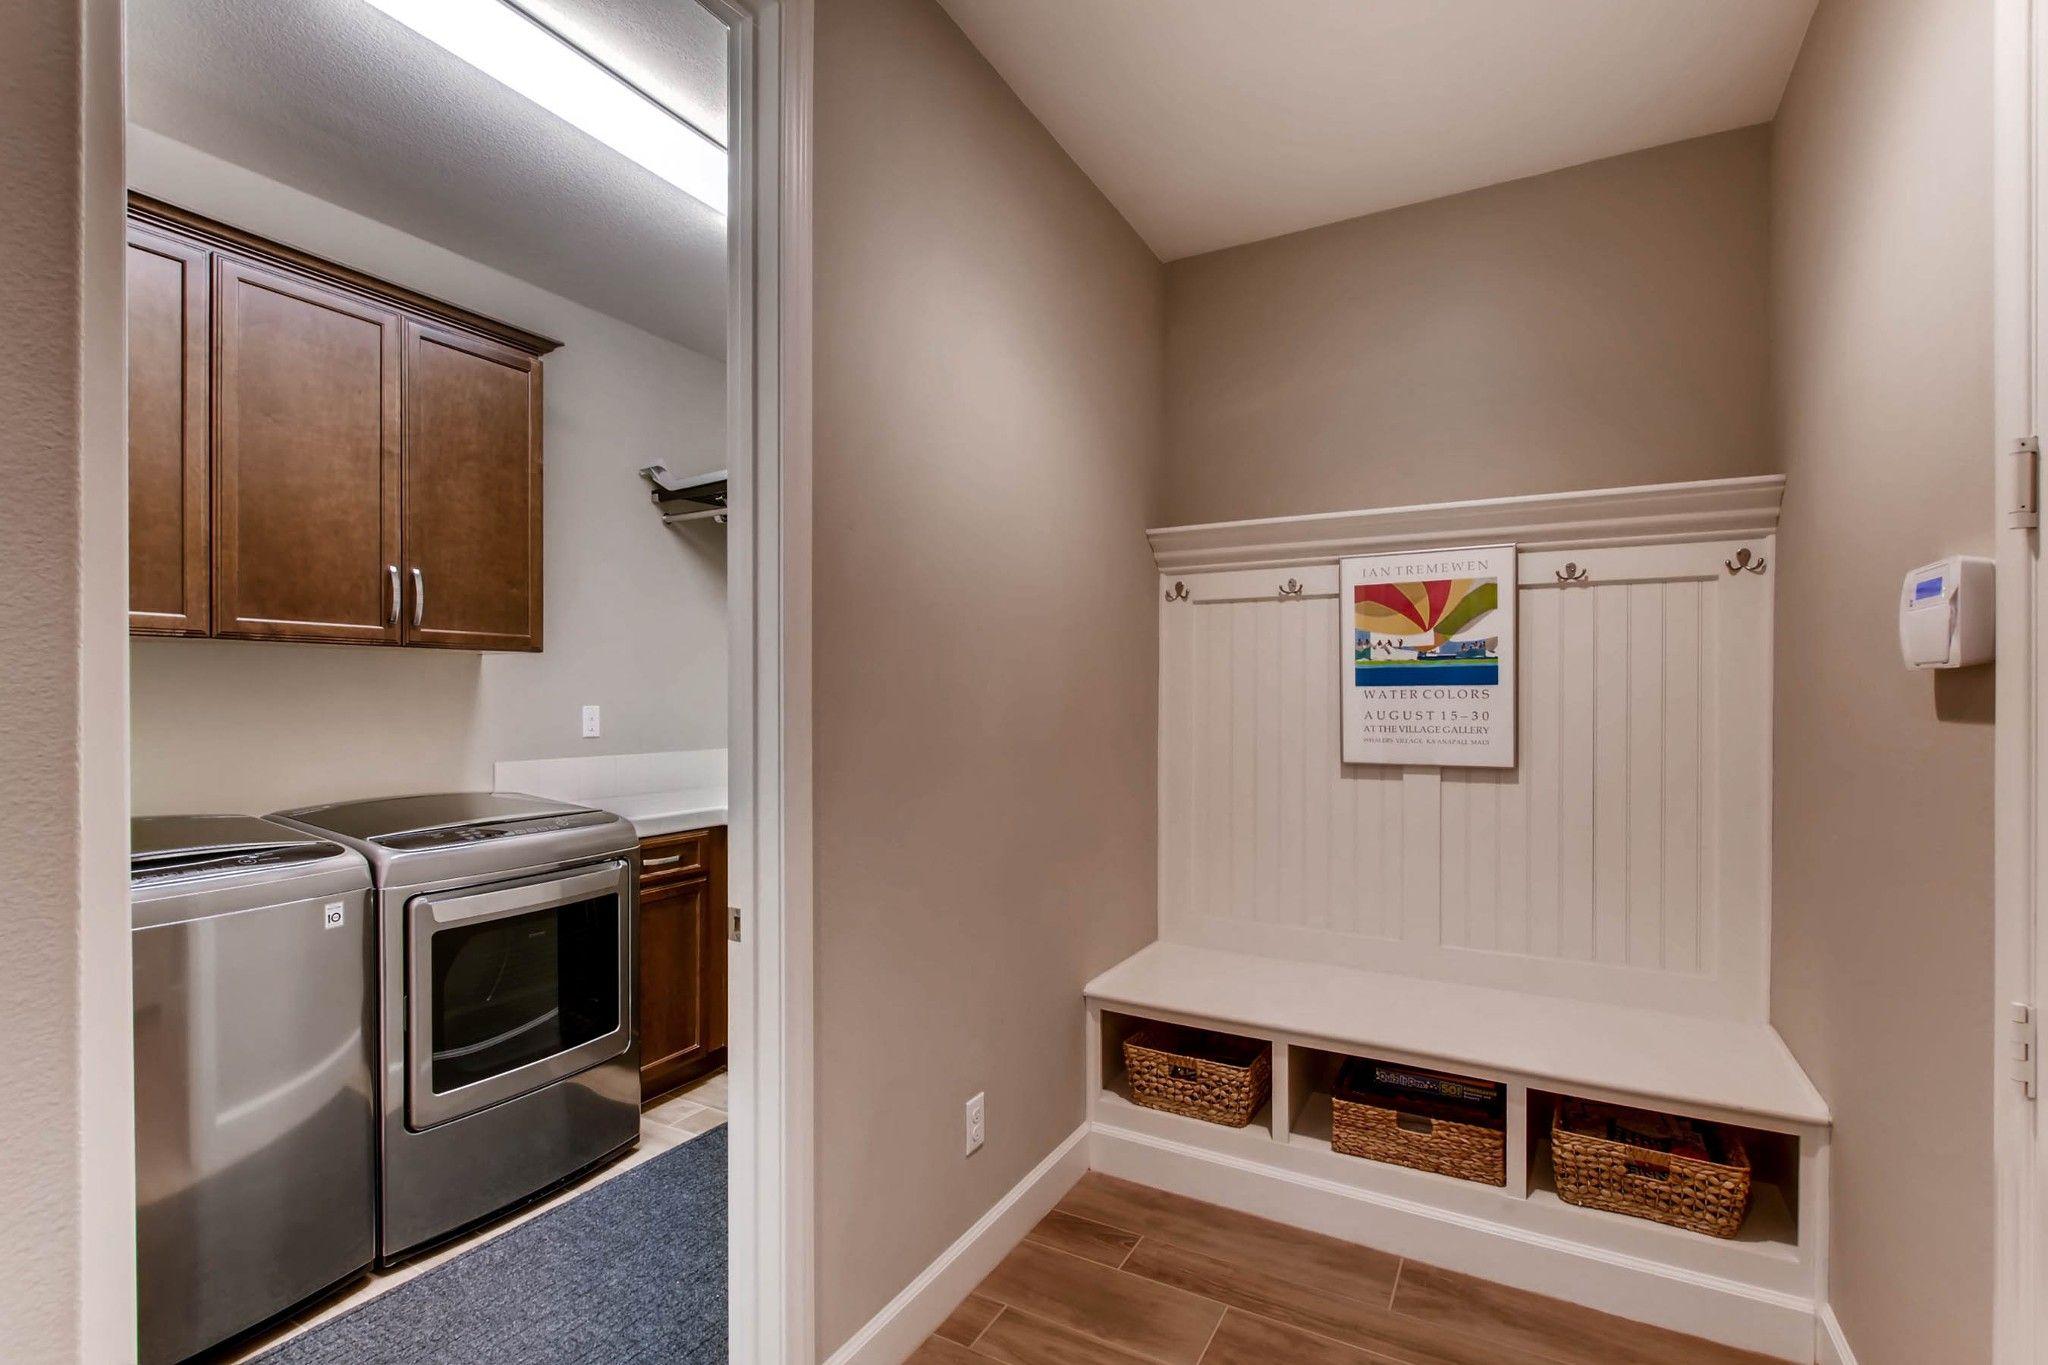 Photo 20: Photos: Residential for sale : 5 bedrooms : 443 Machado Way in Vista